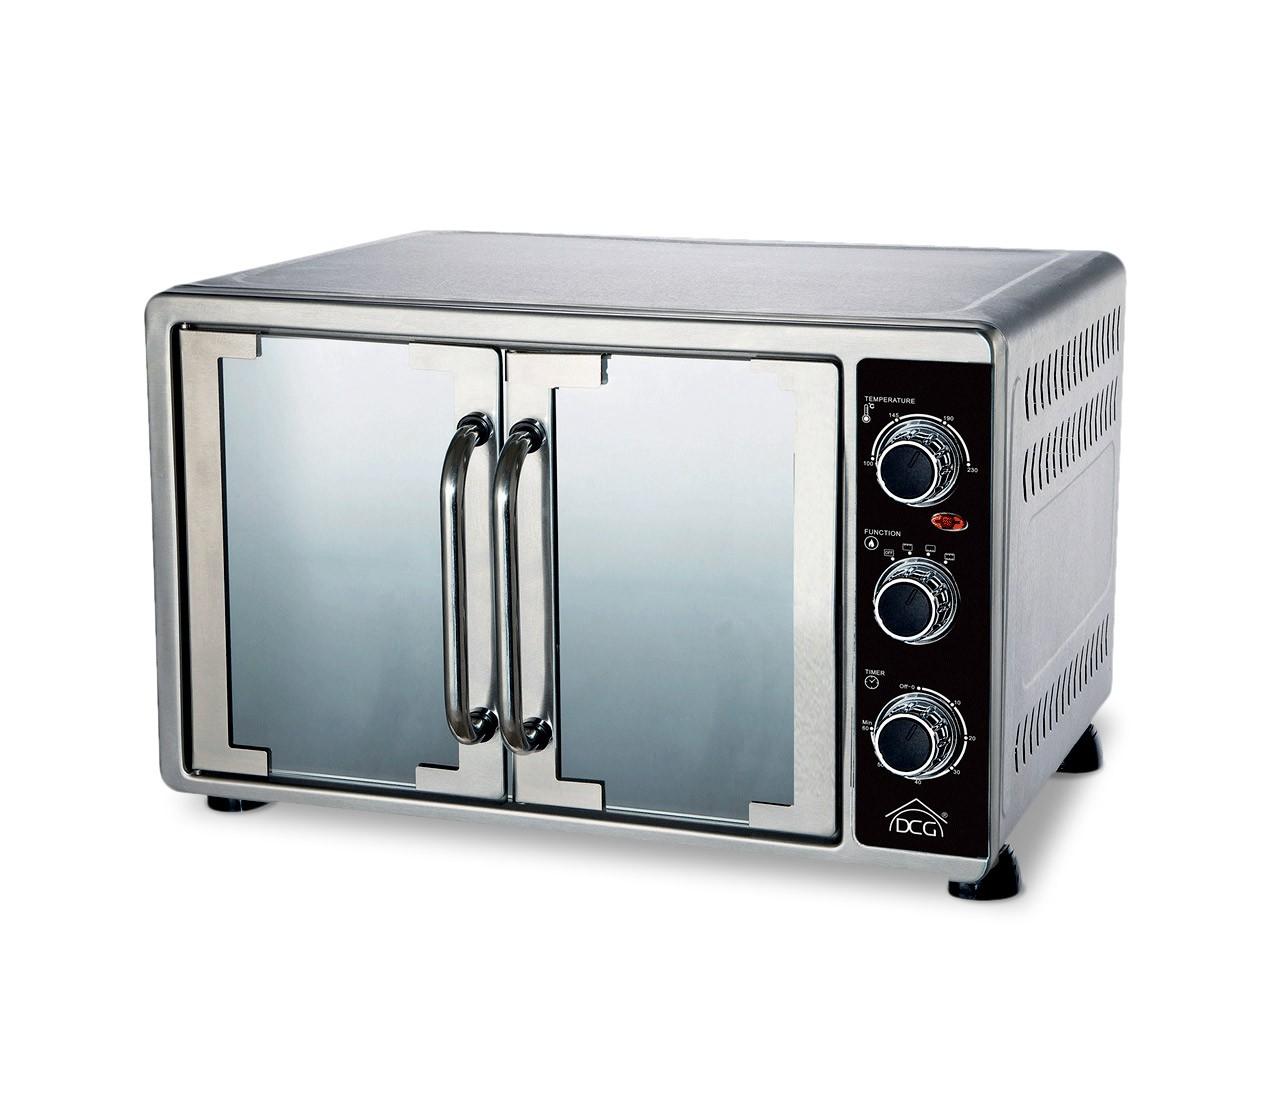 Microonde forno ventilato forno elettrico doppia porta - Forno elettrico microonde ...